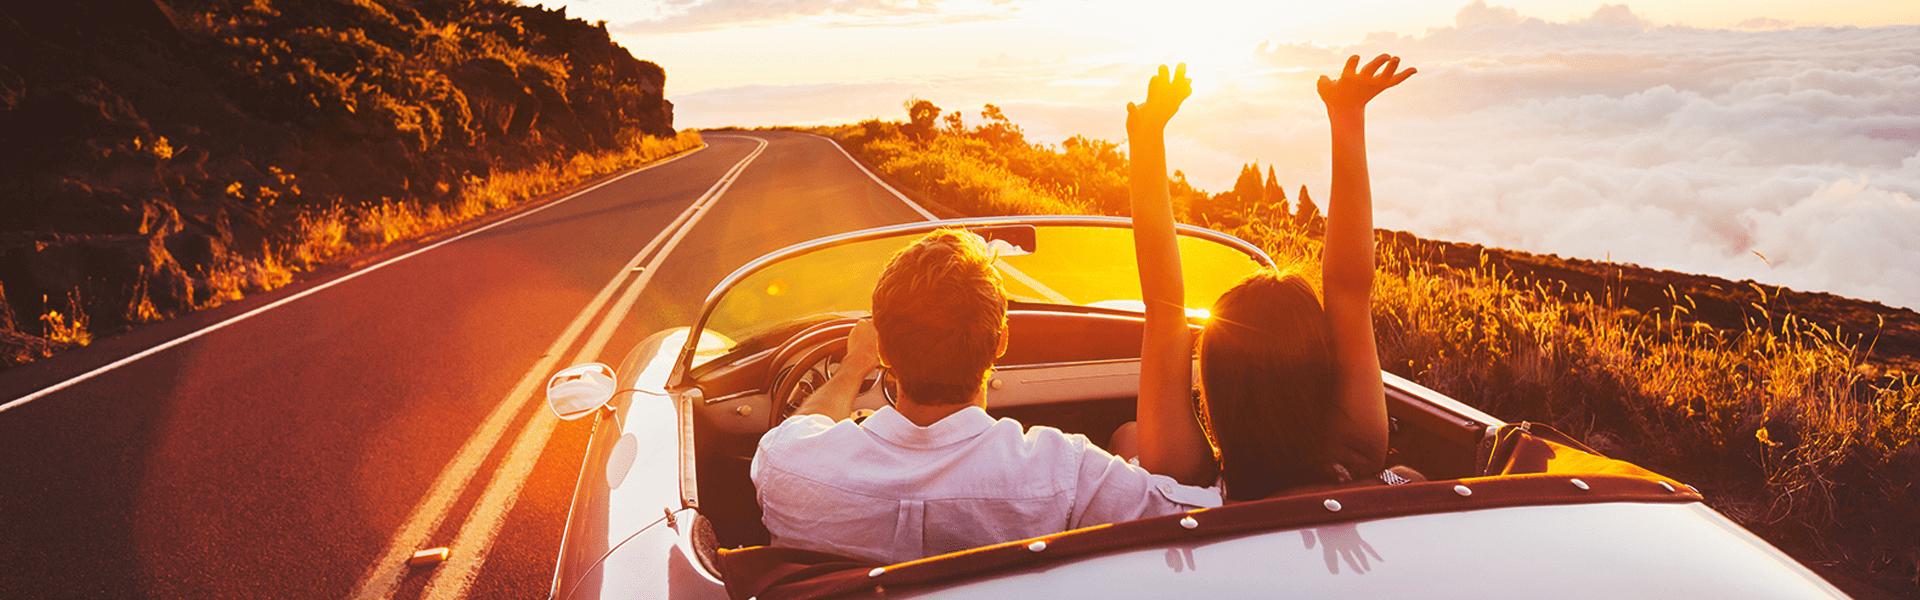 Car Rental Reservation System | Car Rental Booking Software